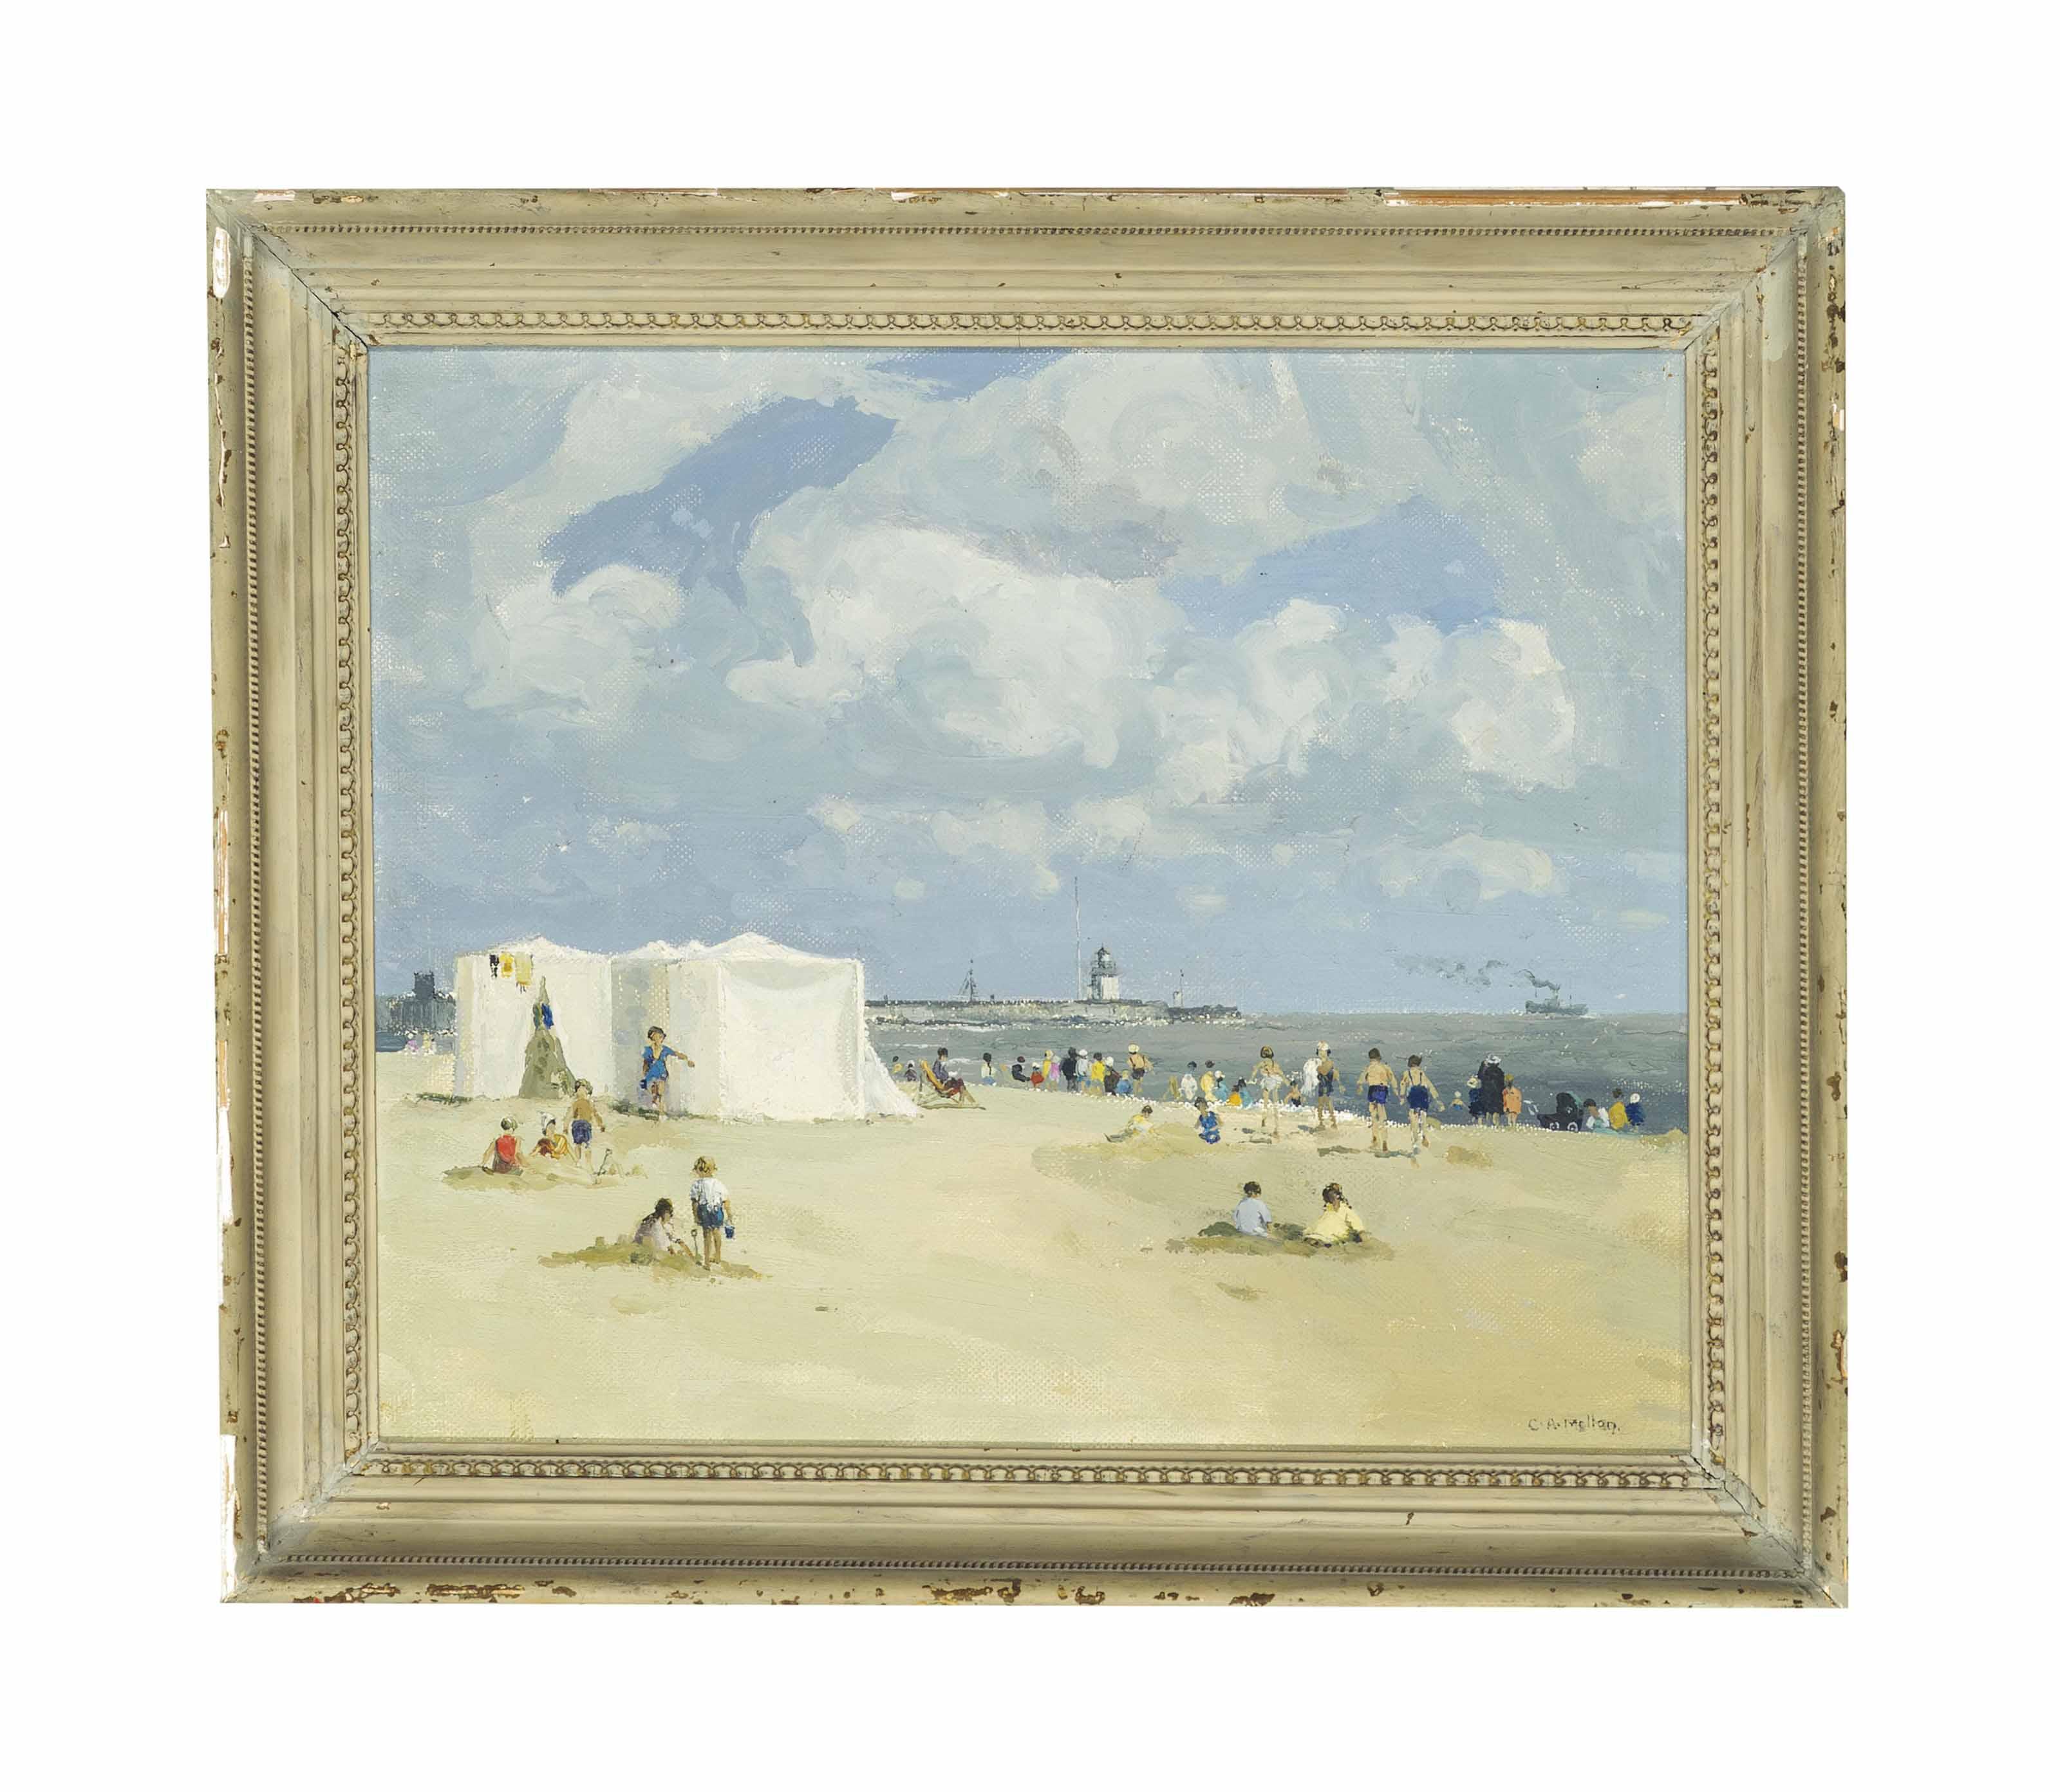 Gorleston Sands